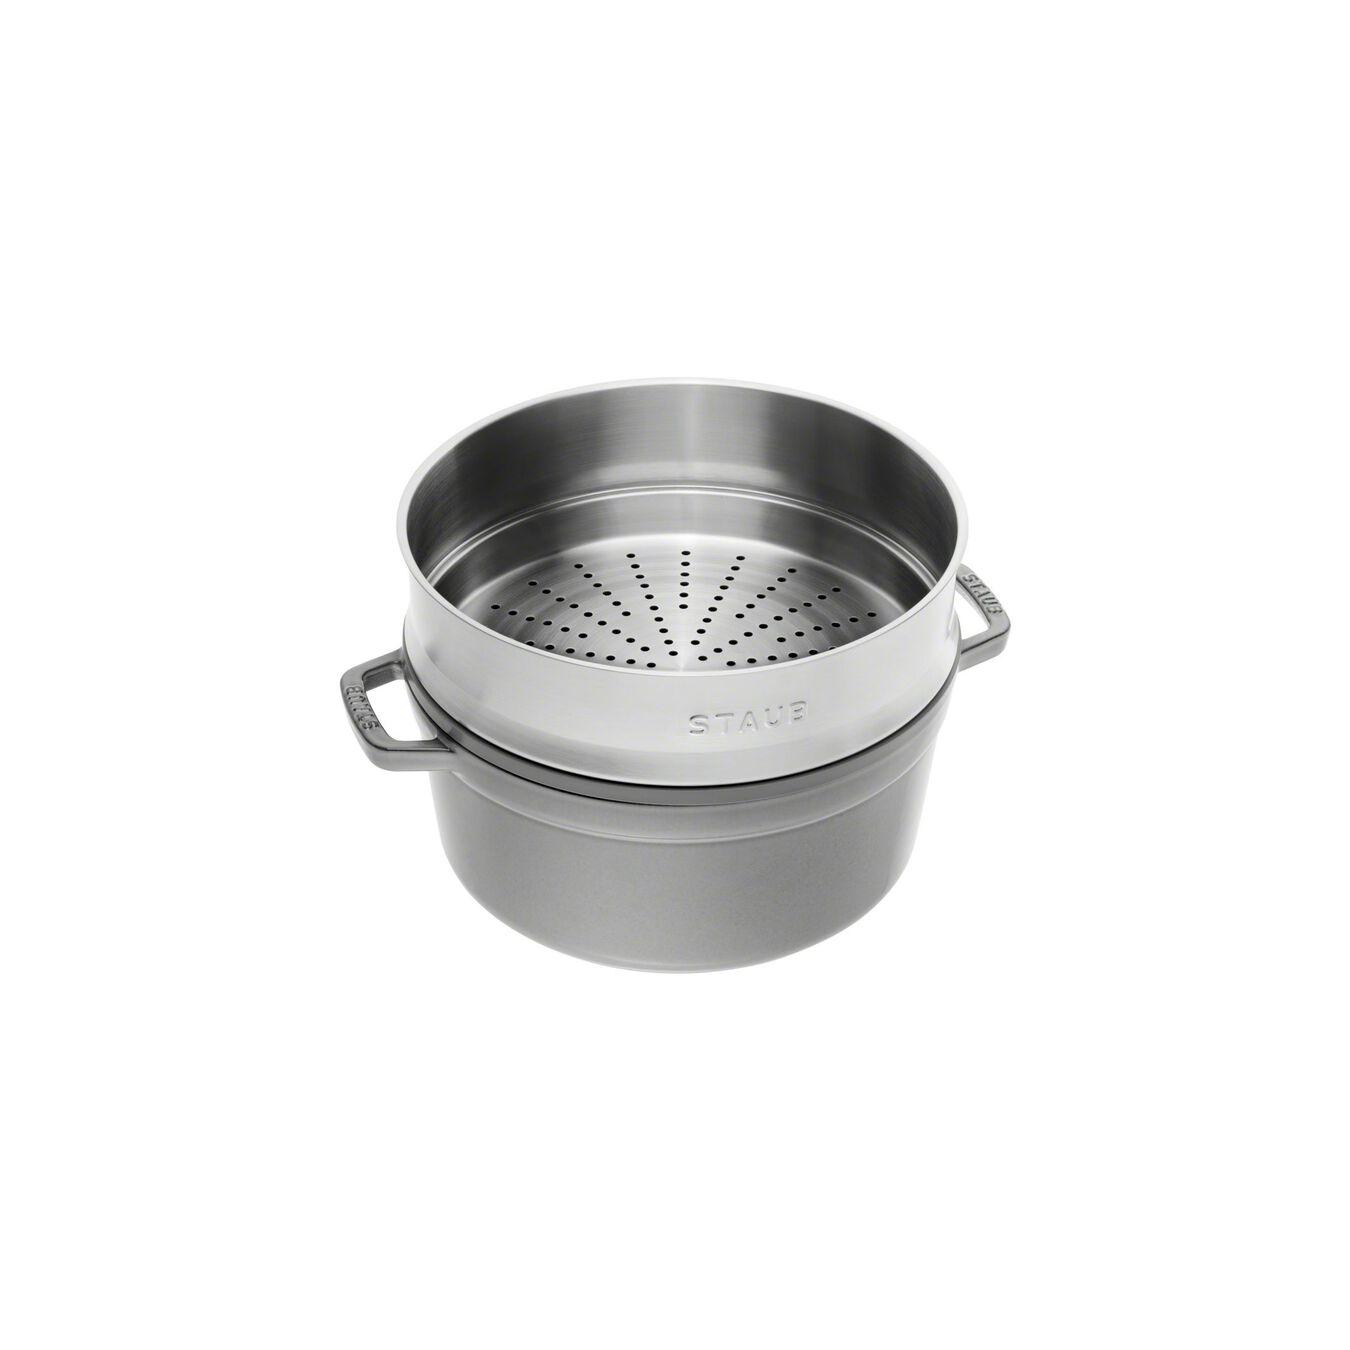 Cocotte avec panier vapeur 26 cm, Rond(e), Gris graphite, Fonte,,large 2